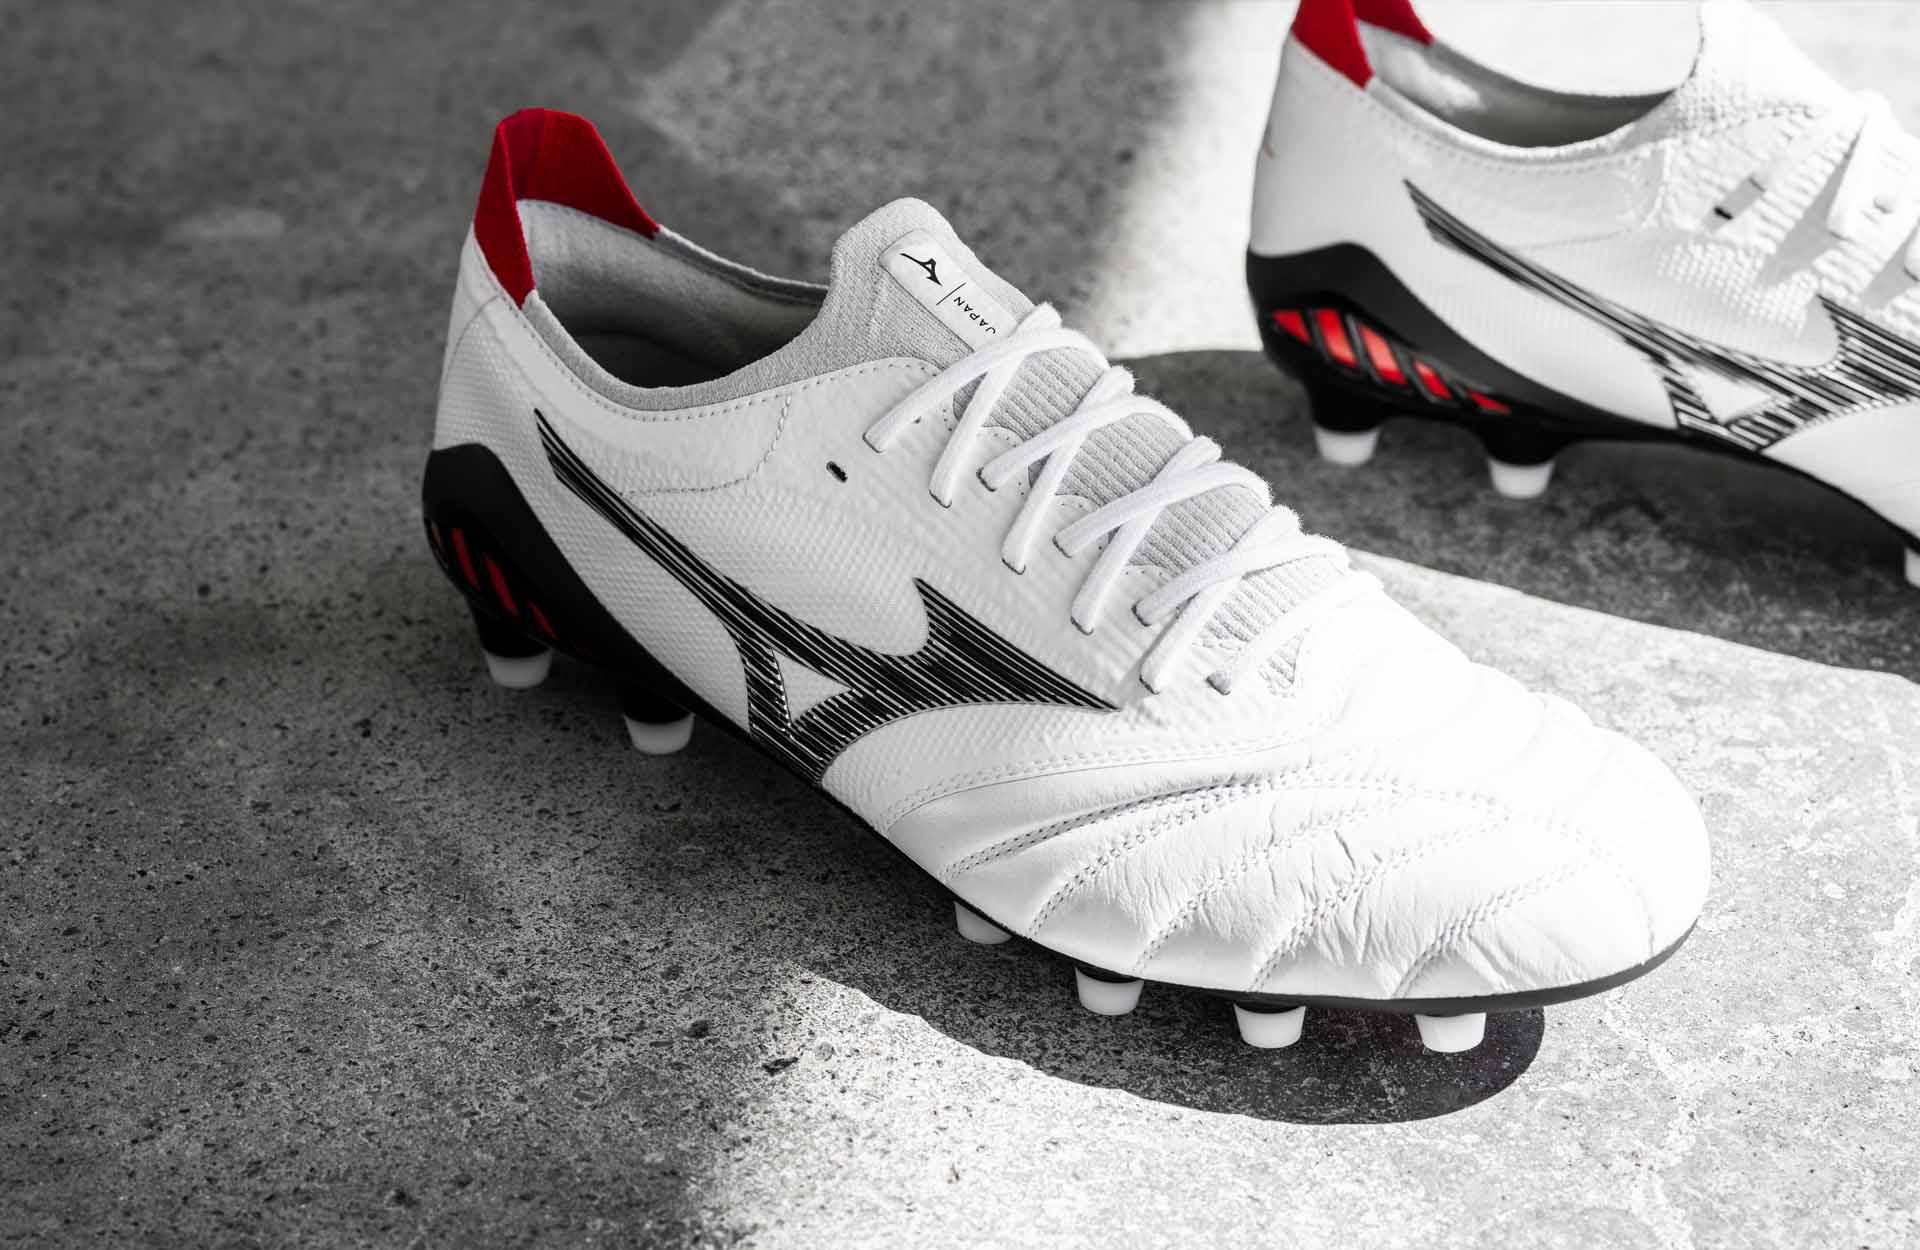 Giày bóng đá da thật Mizuno Morelia Neo III β với lưỡi gà vải thun